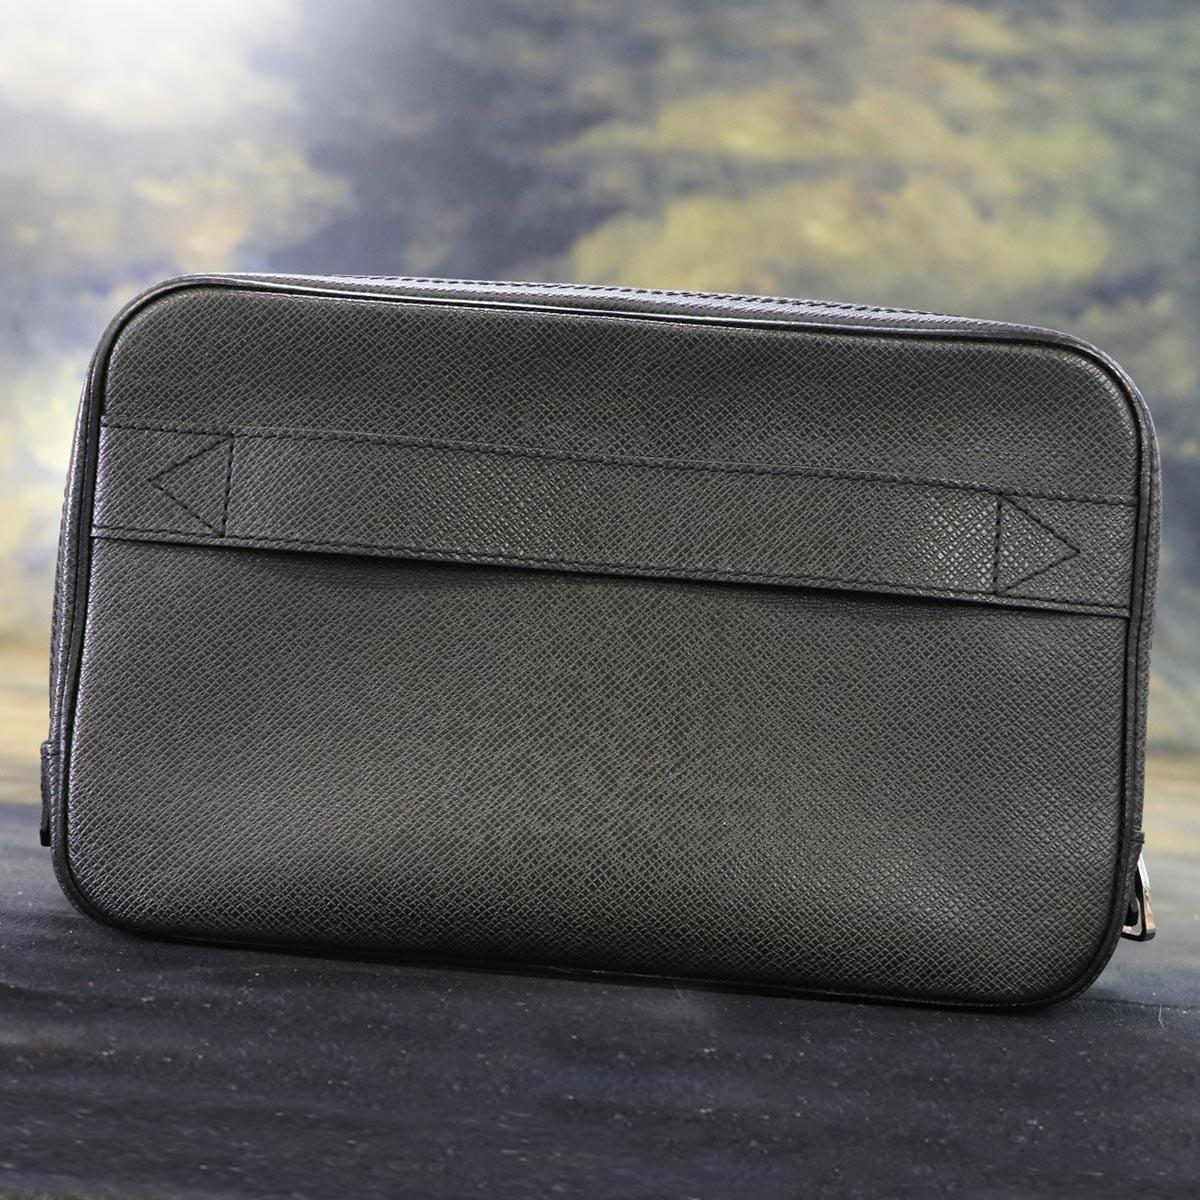 本物 極上品 ルイヴィトン タイガレザー カサイ メンズセカンドバッグ アルドワーズ SV金具 ストラップ付きクラッチバッグ LOUIS VUITTON_画像3